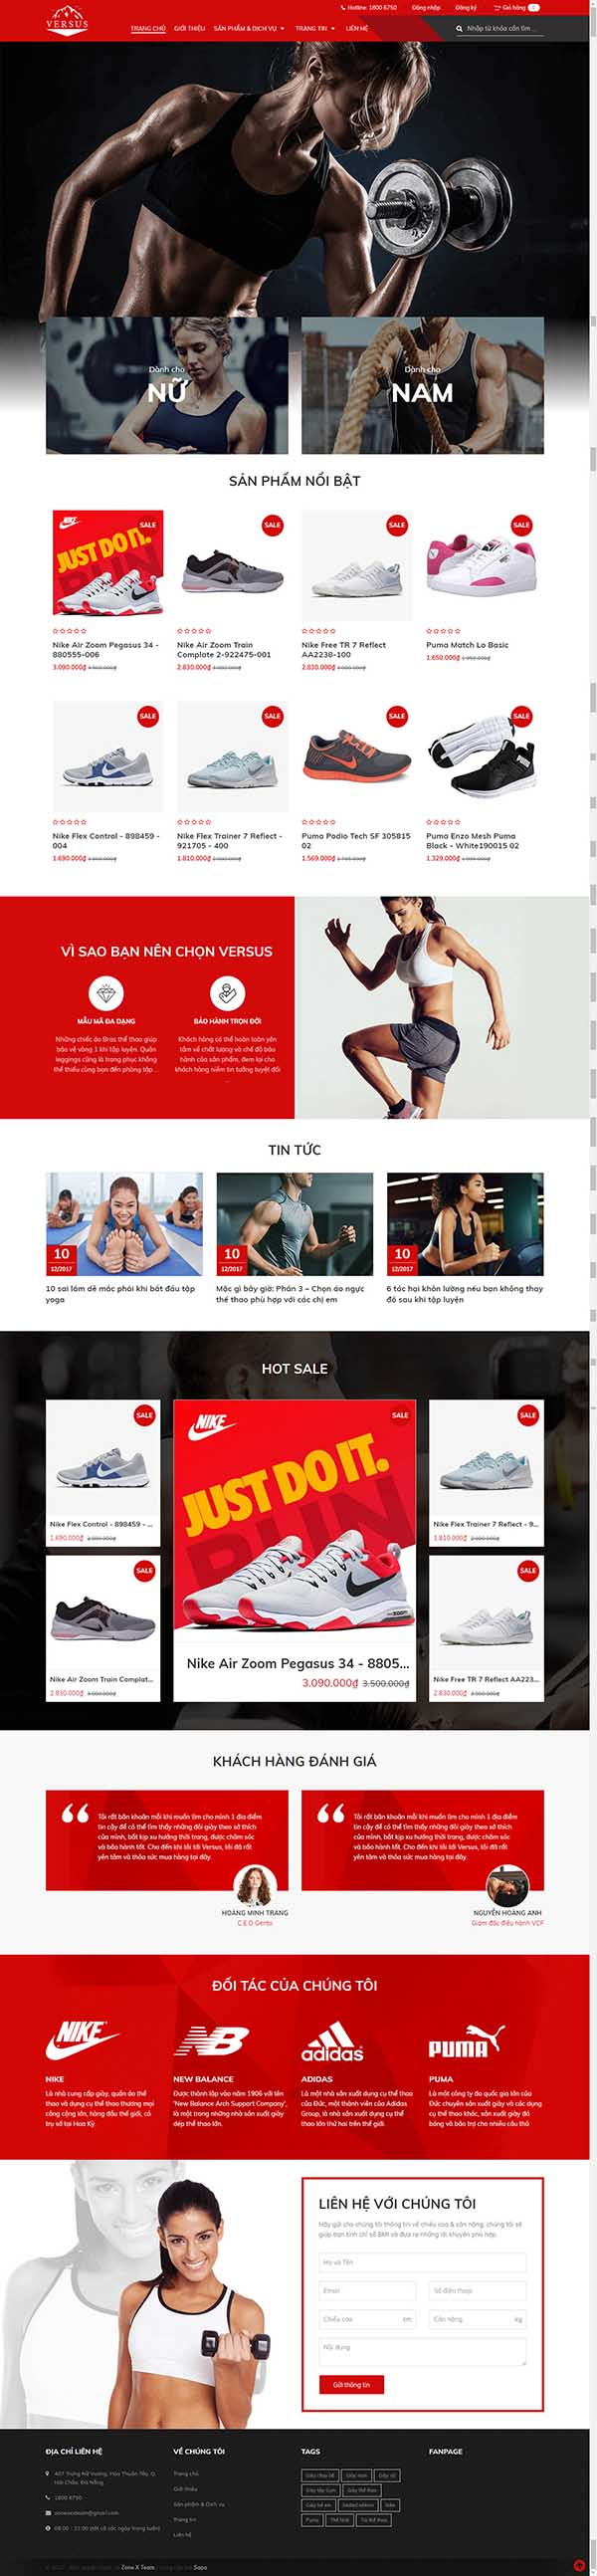 Thiết kế Mẫu website dụng cụ thể thao 02